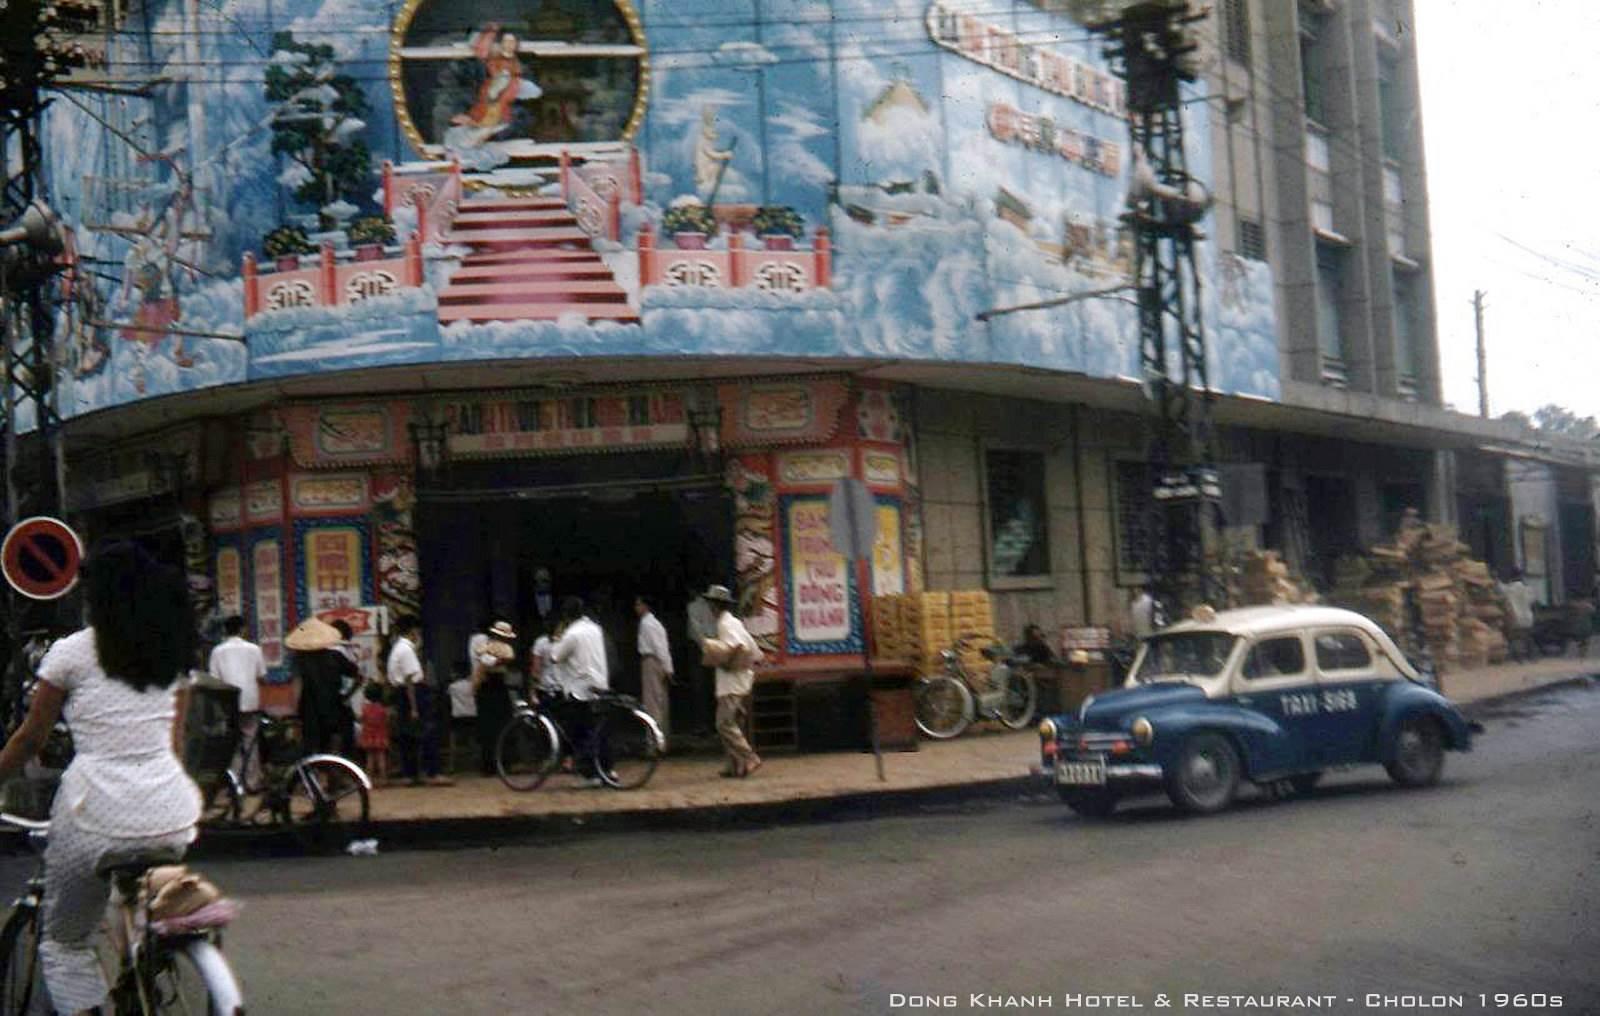 CHOLON 1960 - Nhà hàng Đồng Khánh, góc Đồng Khánh-An Bình - Bánh Trung thu Đồng Khánh